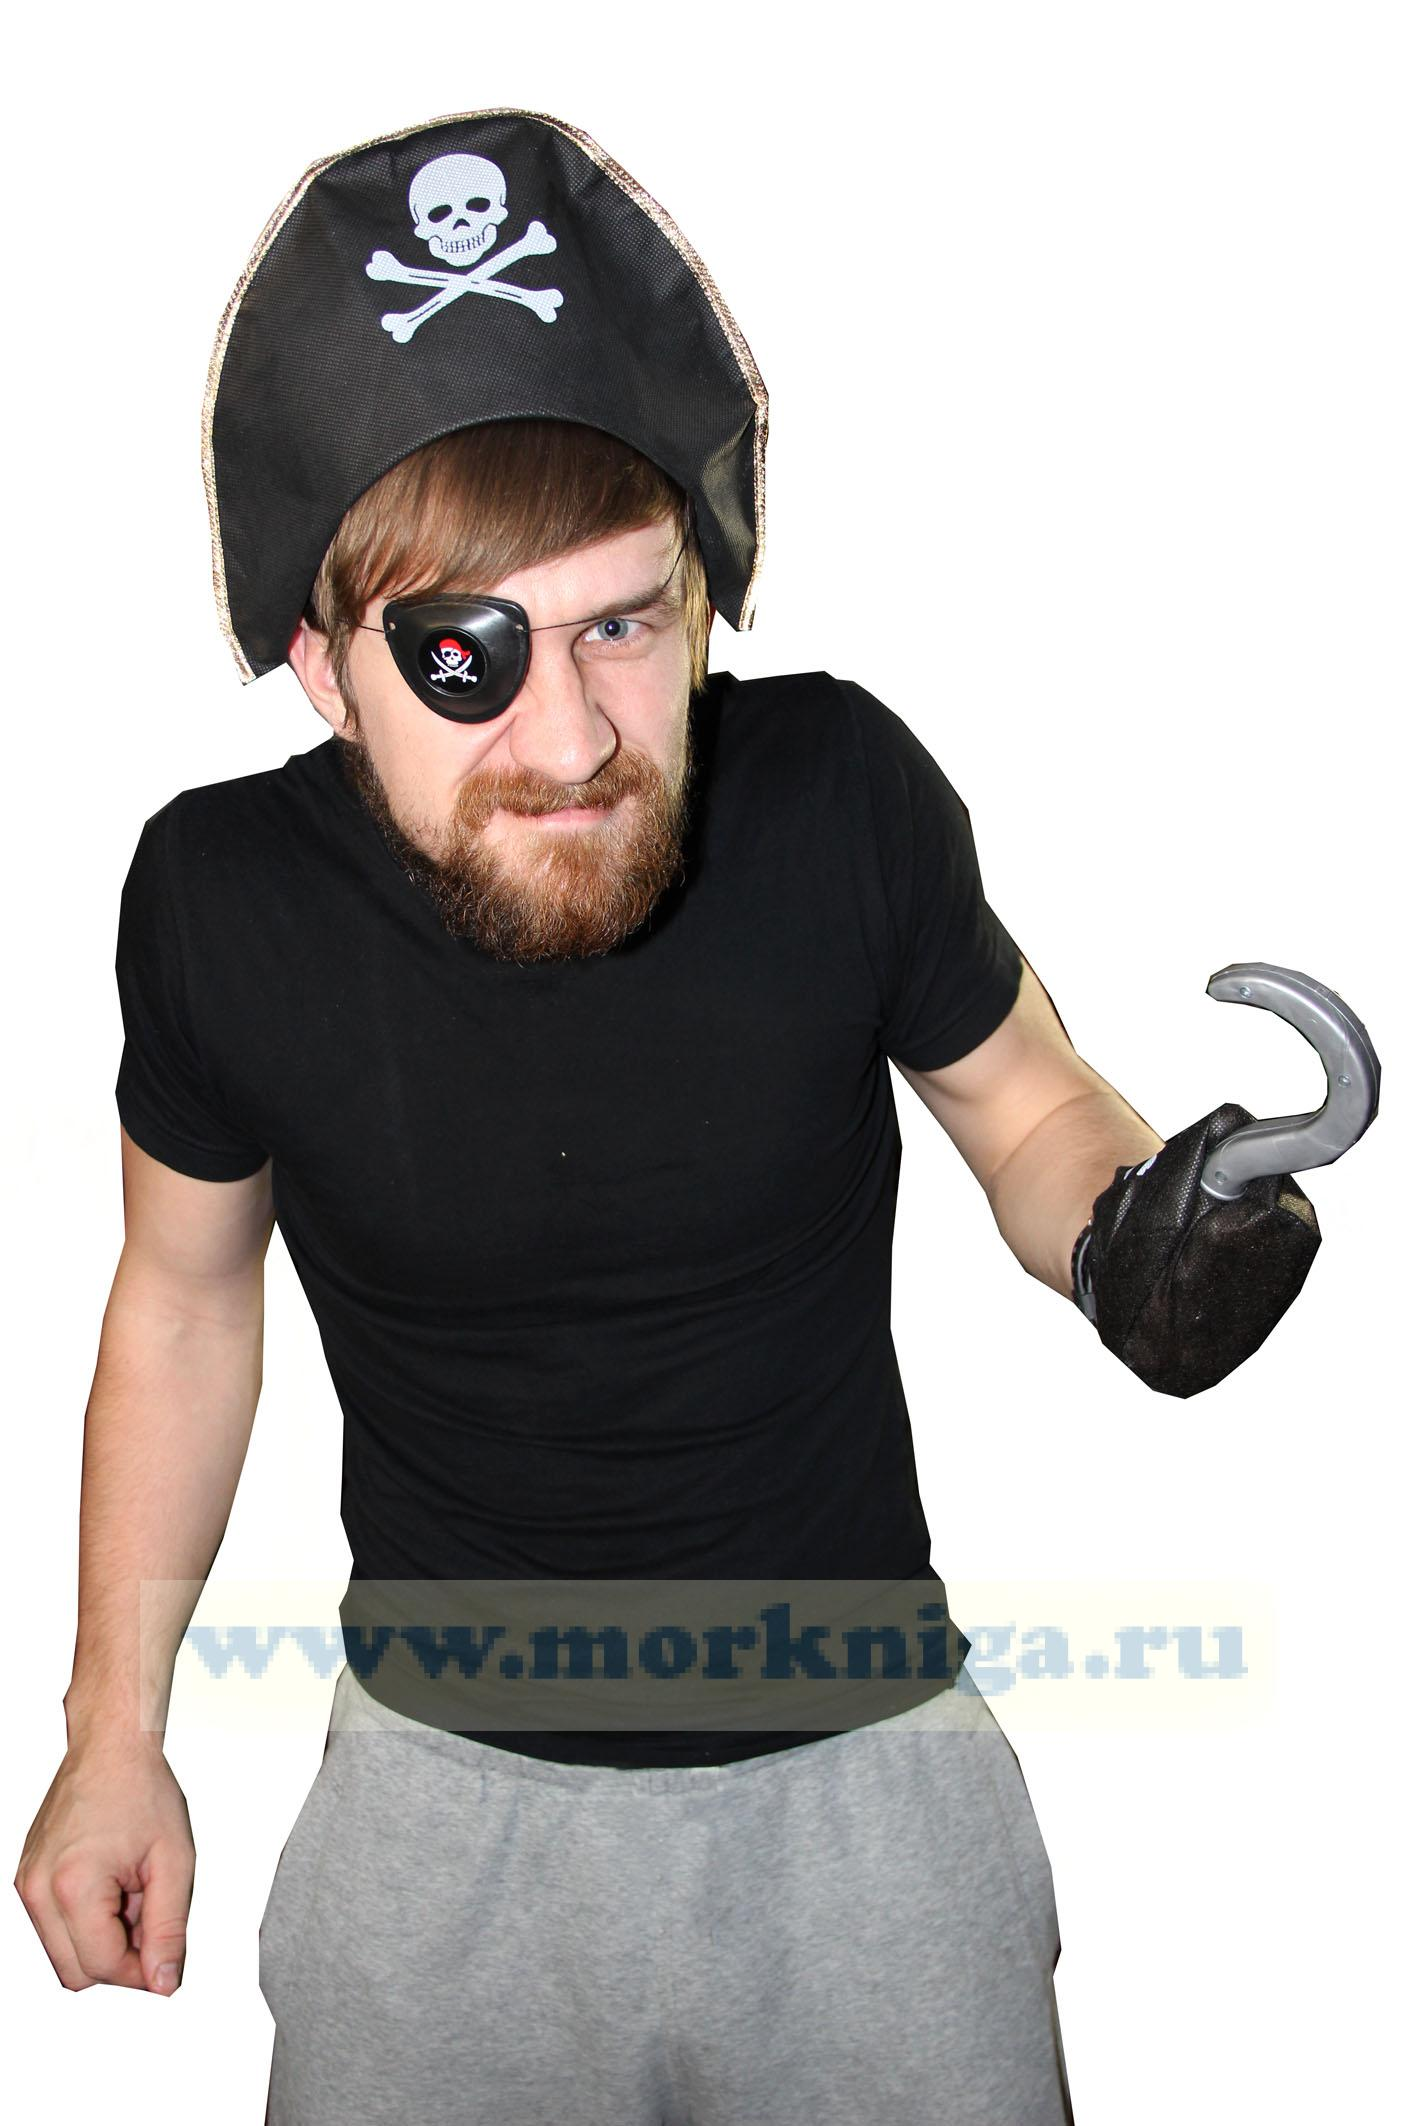 Набор пирата (крюк, повязка на глаз, шапка)